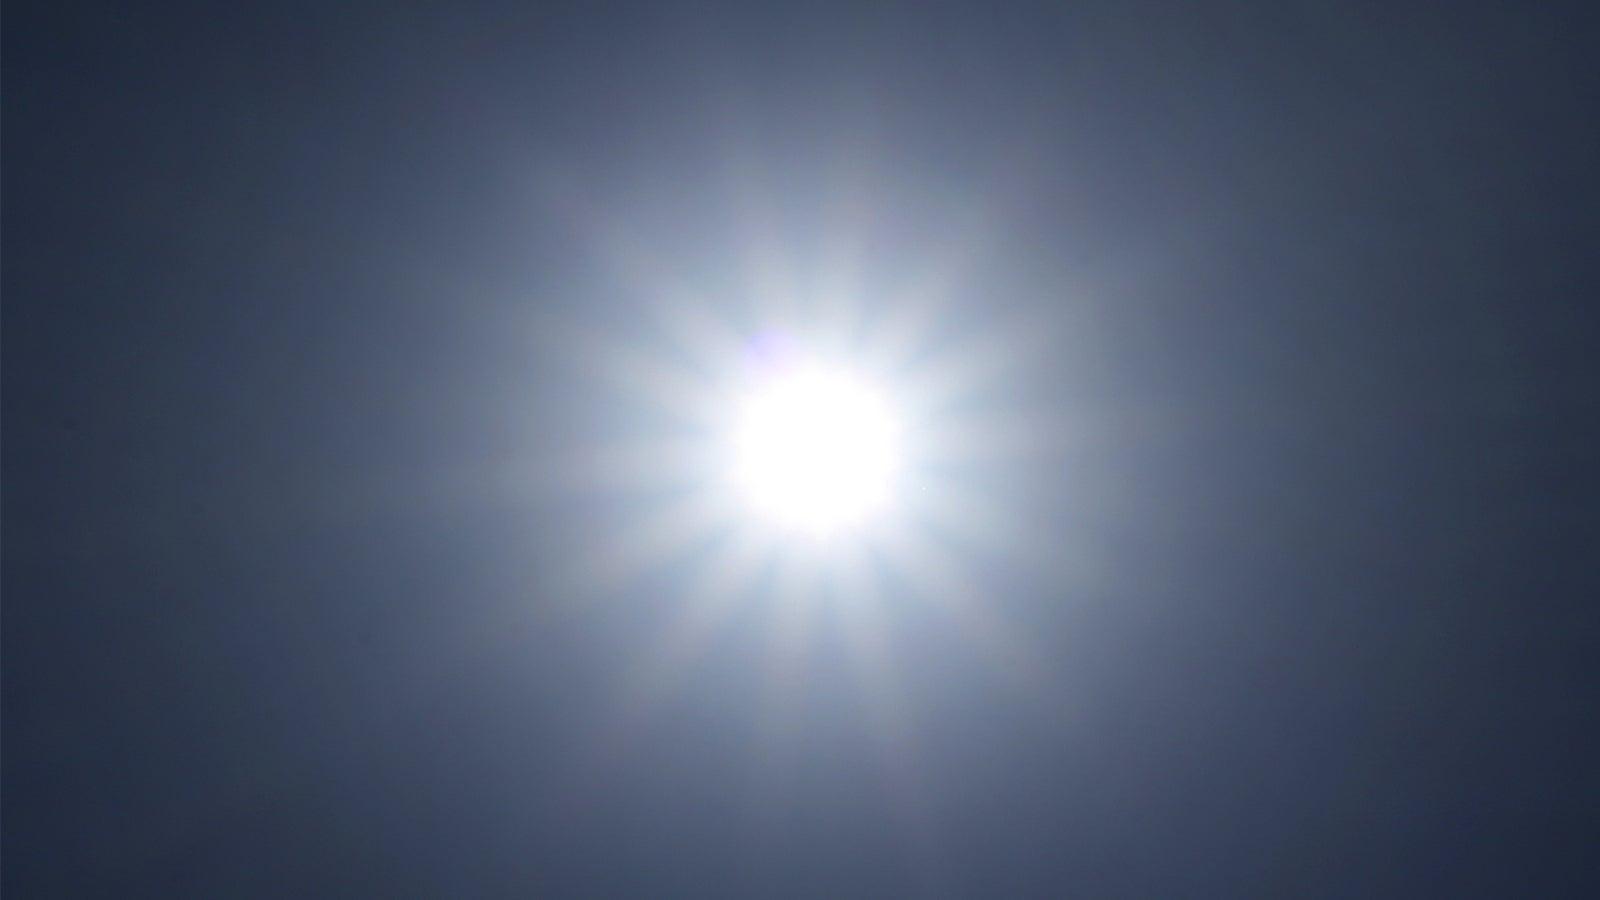 Bitte ernst nehmen: Amtliche Warnungen vor starker UV-Strahlung